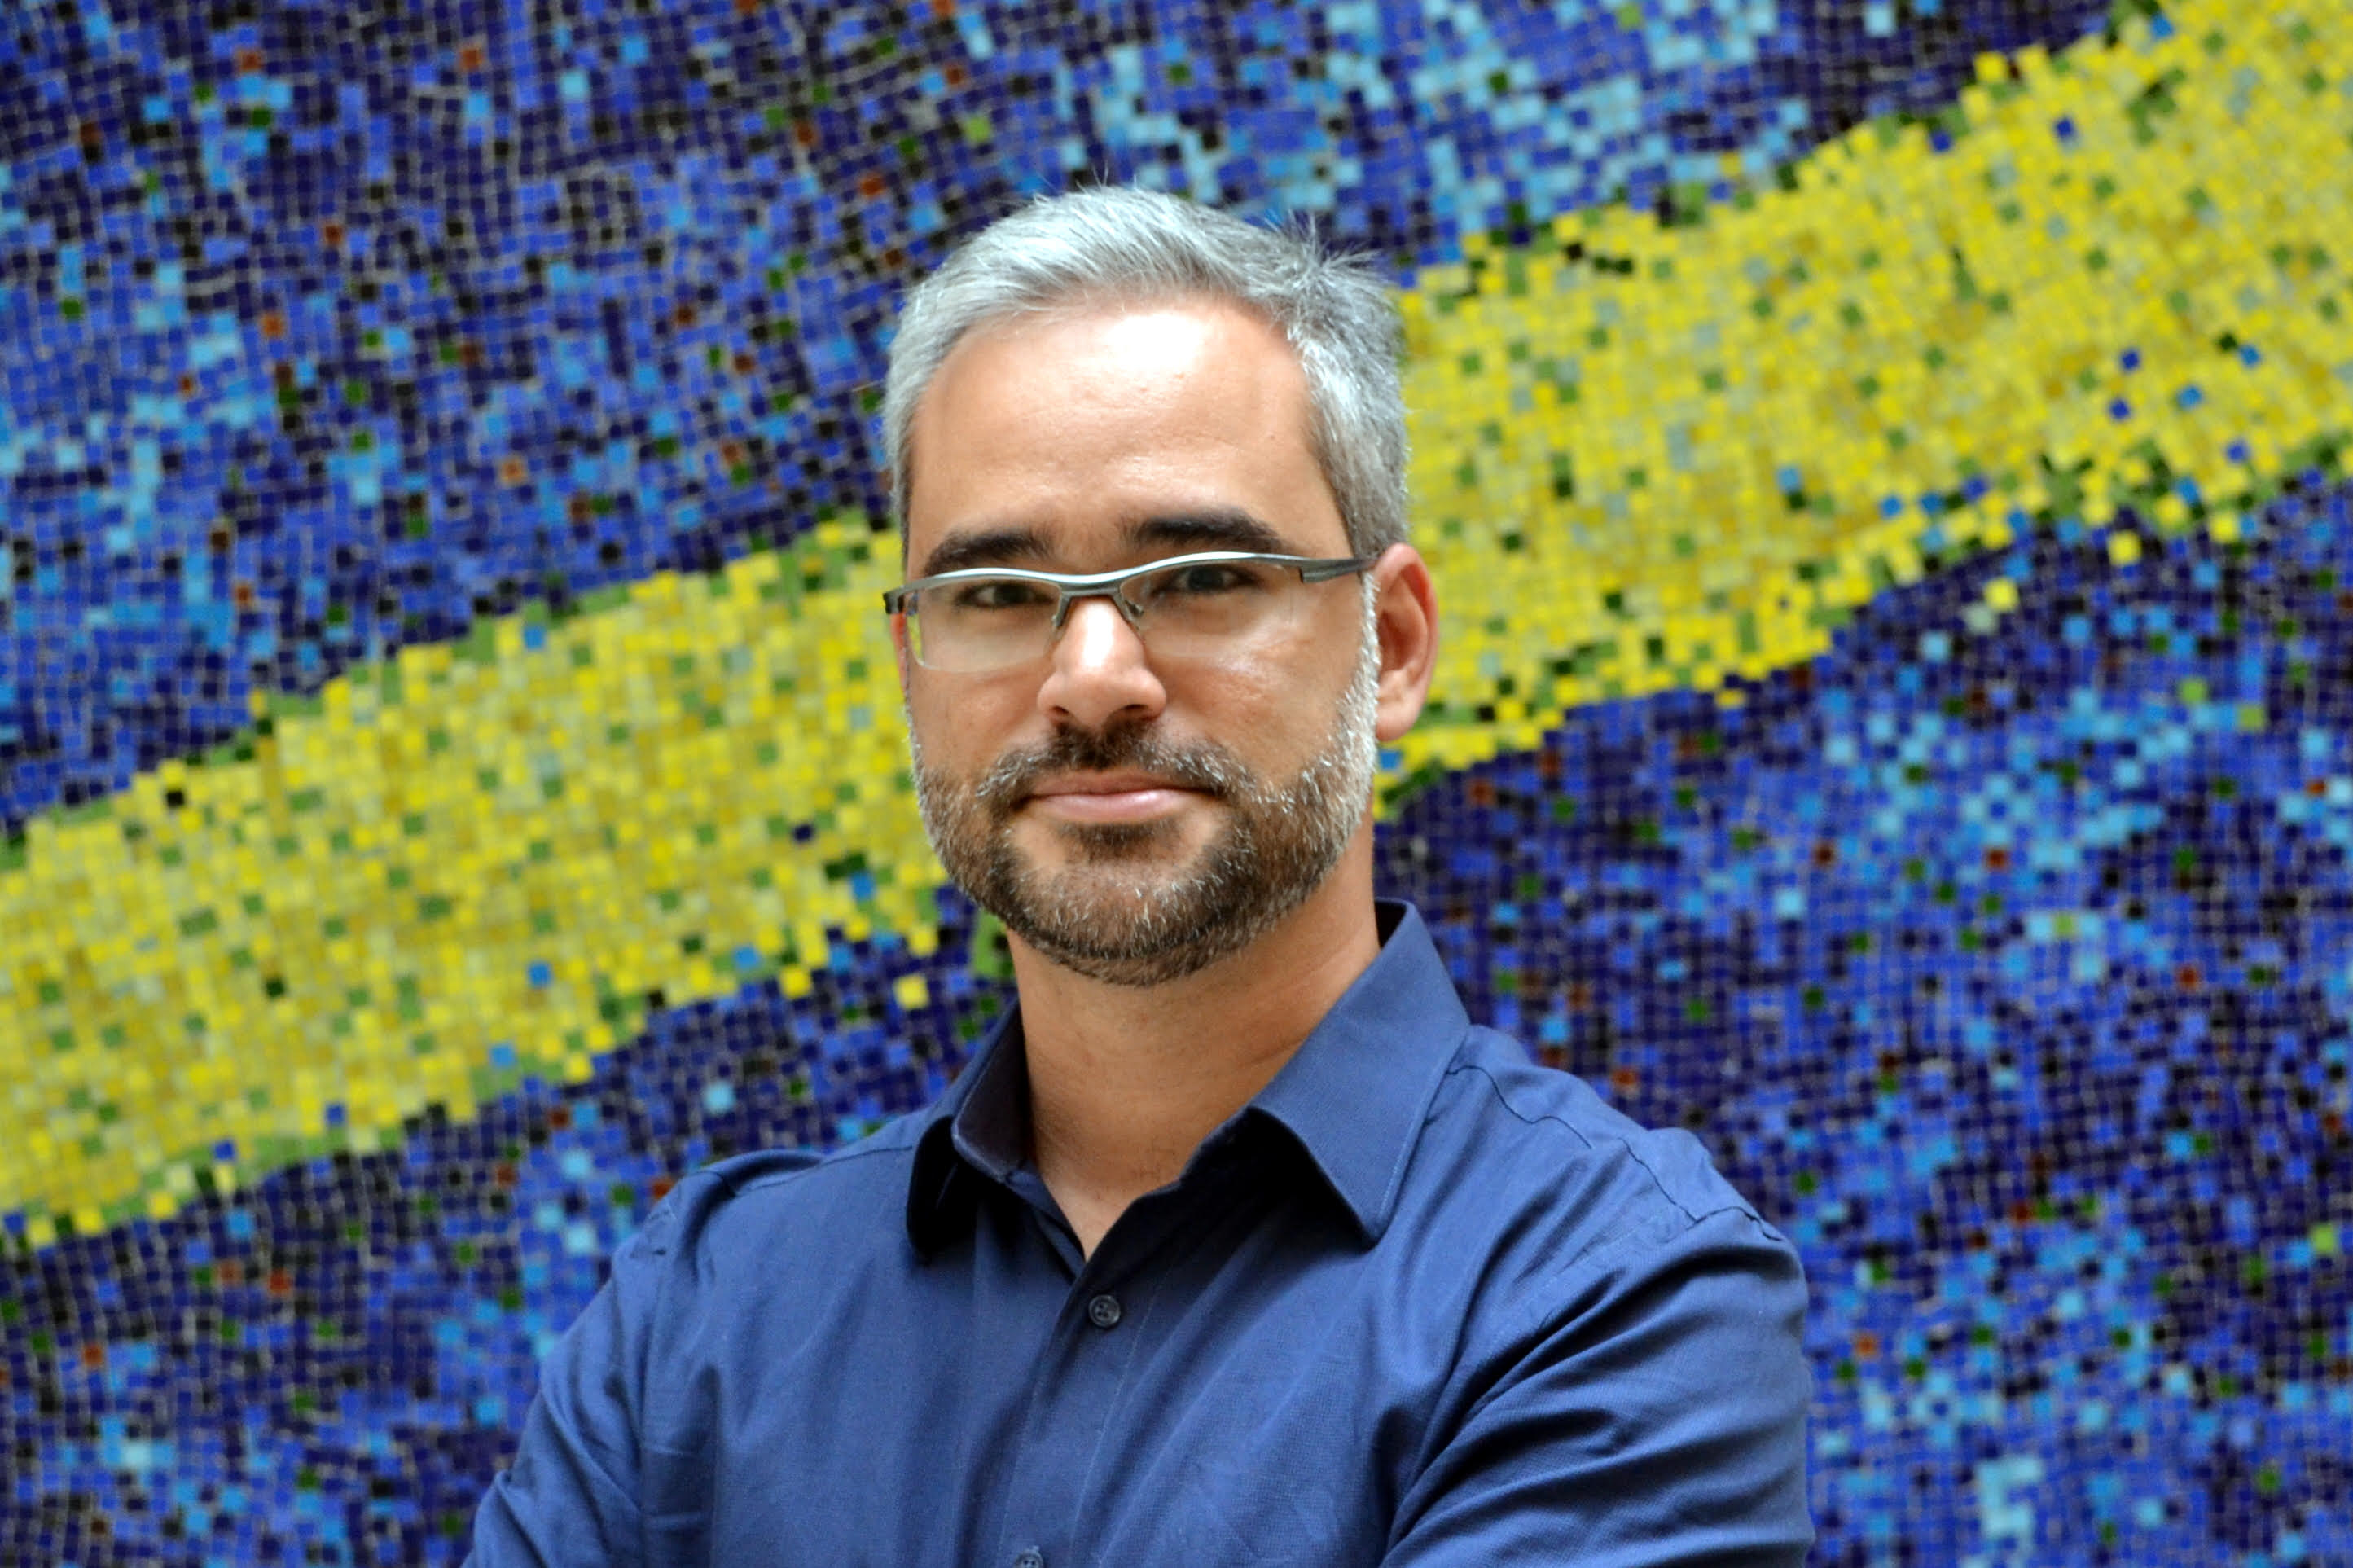 César Chagas